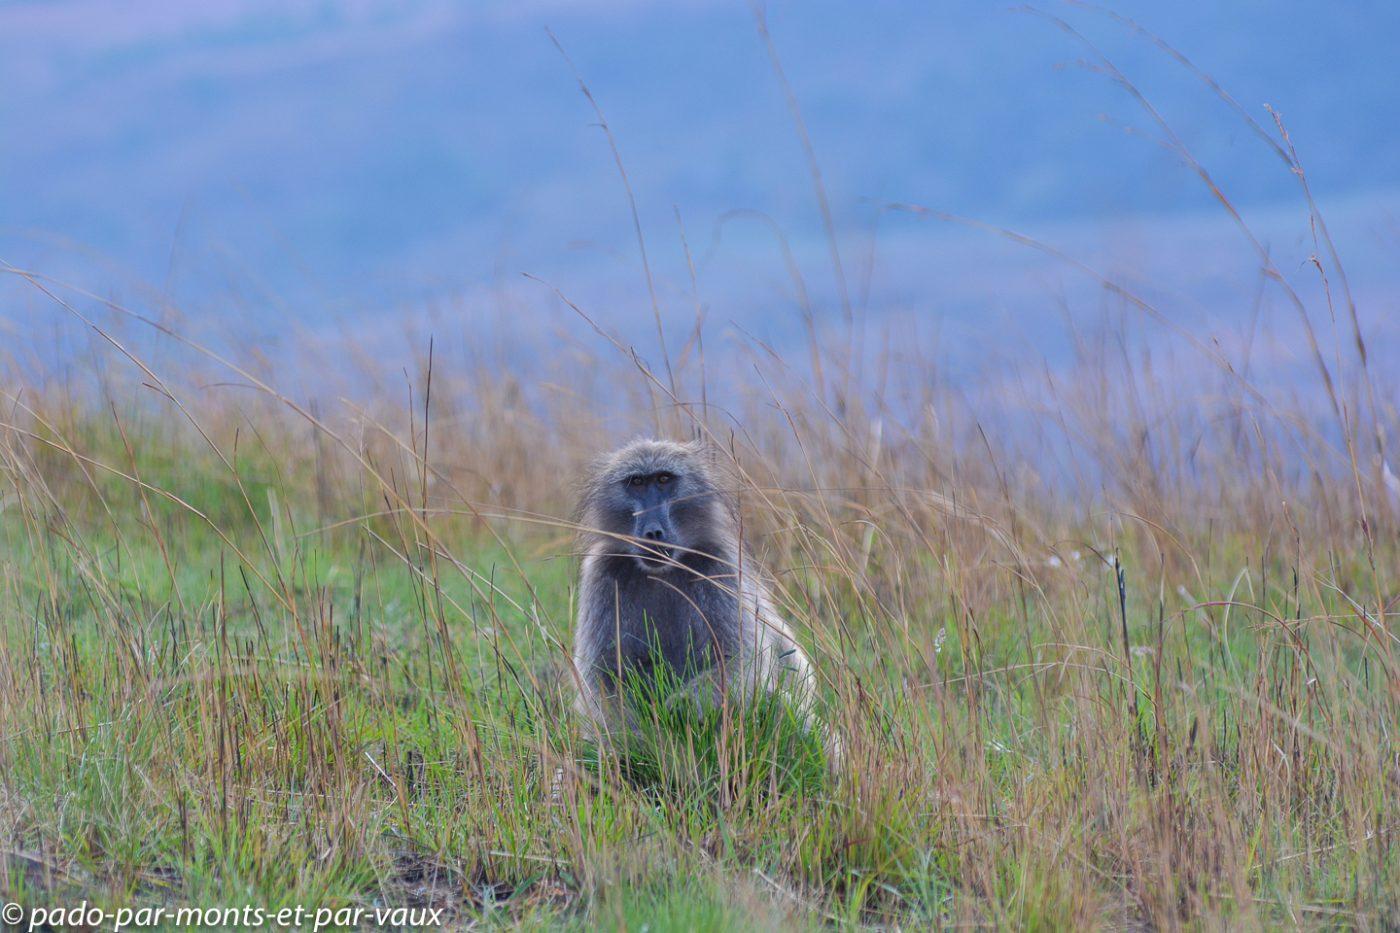 Drakensberg babouin